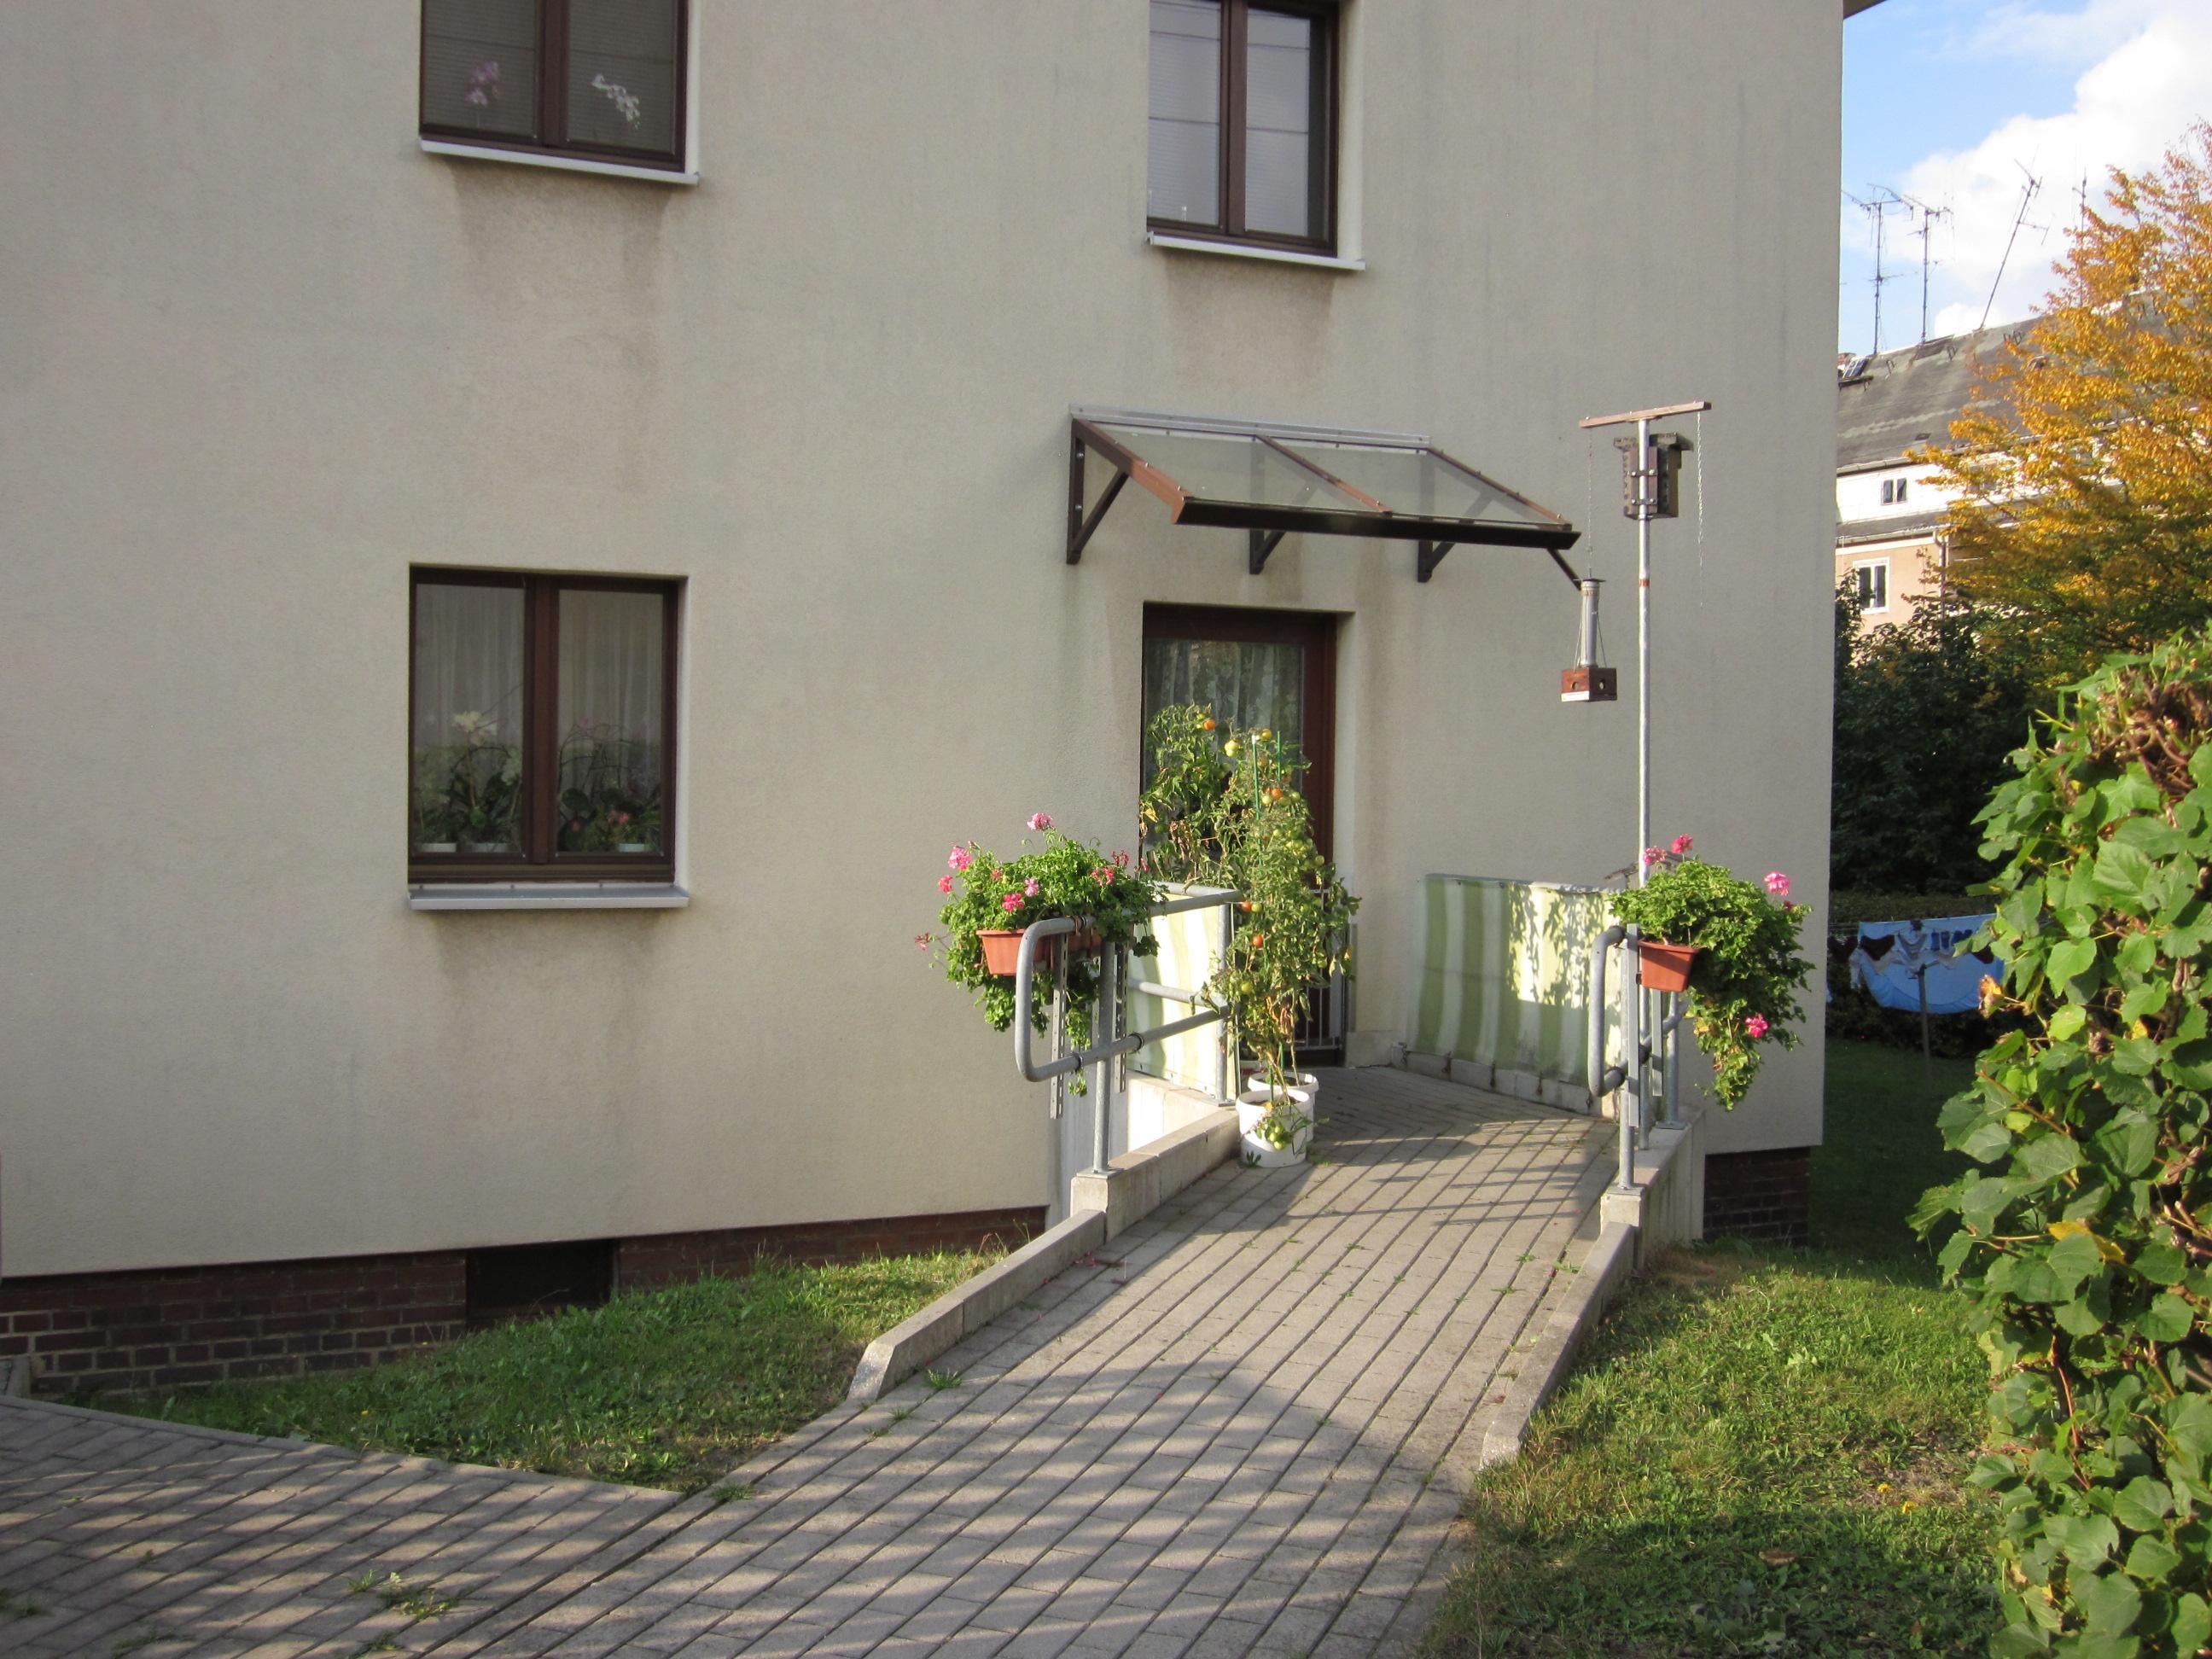 Rollstuhlgerechte, barrierefreie 3-Raum-Wohnung, Rampe, Stellplatz